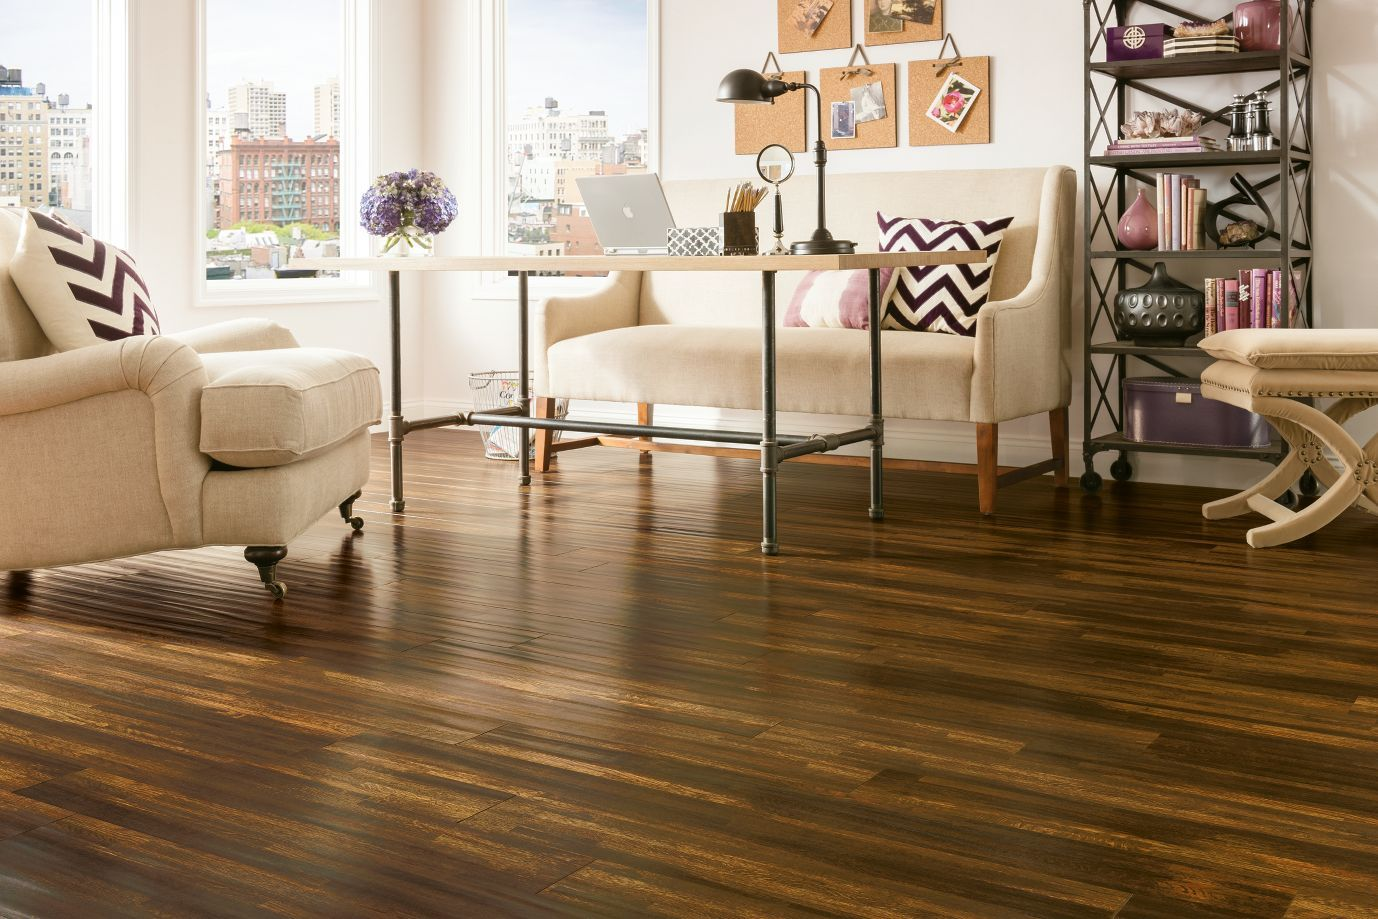 Armstrong laminate flooring Rustics Premium www